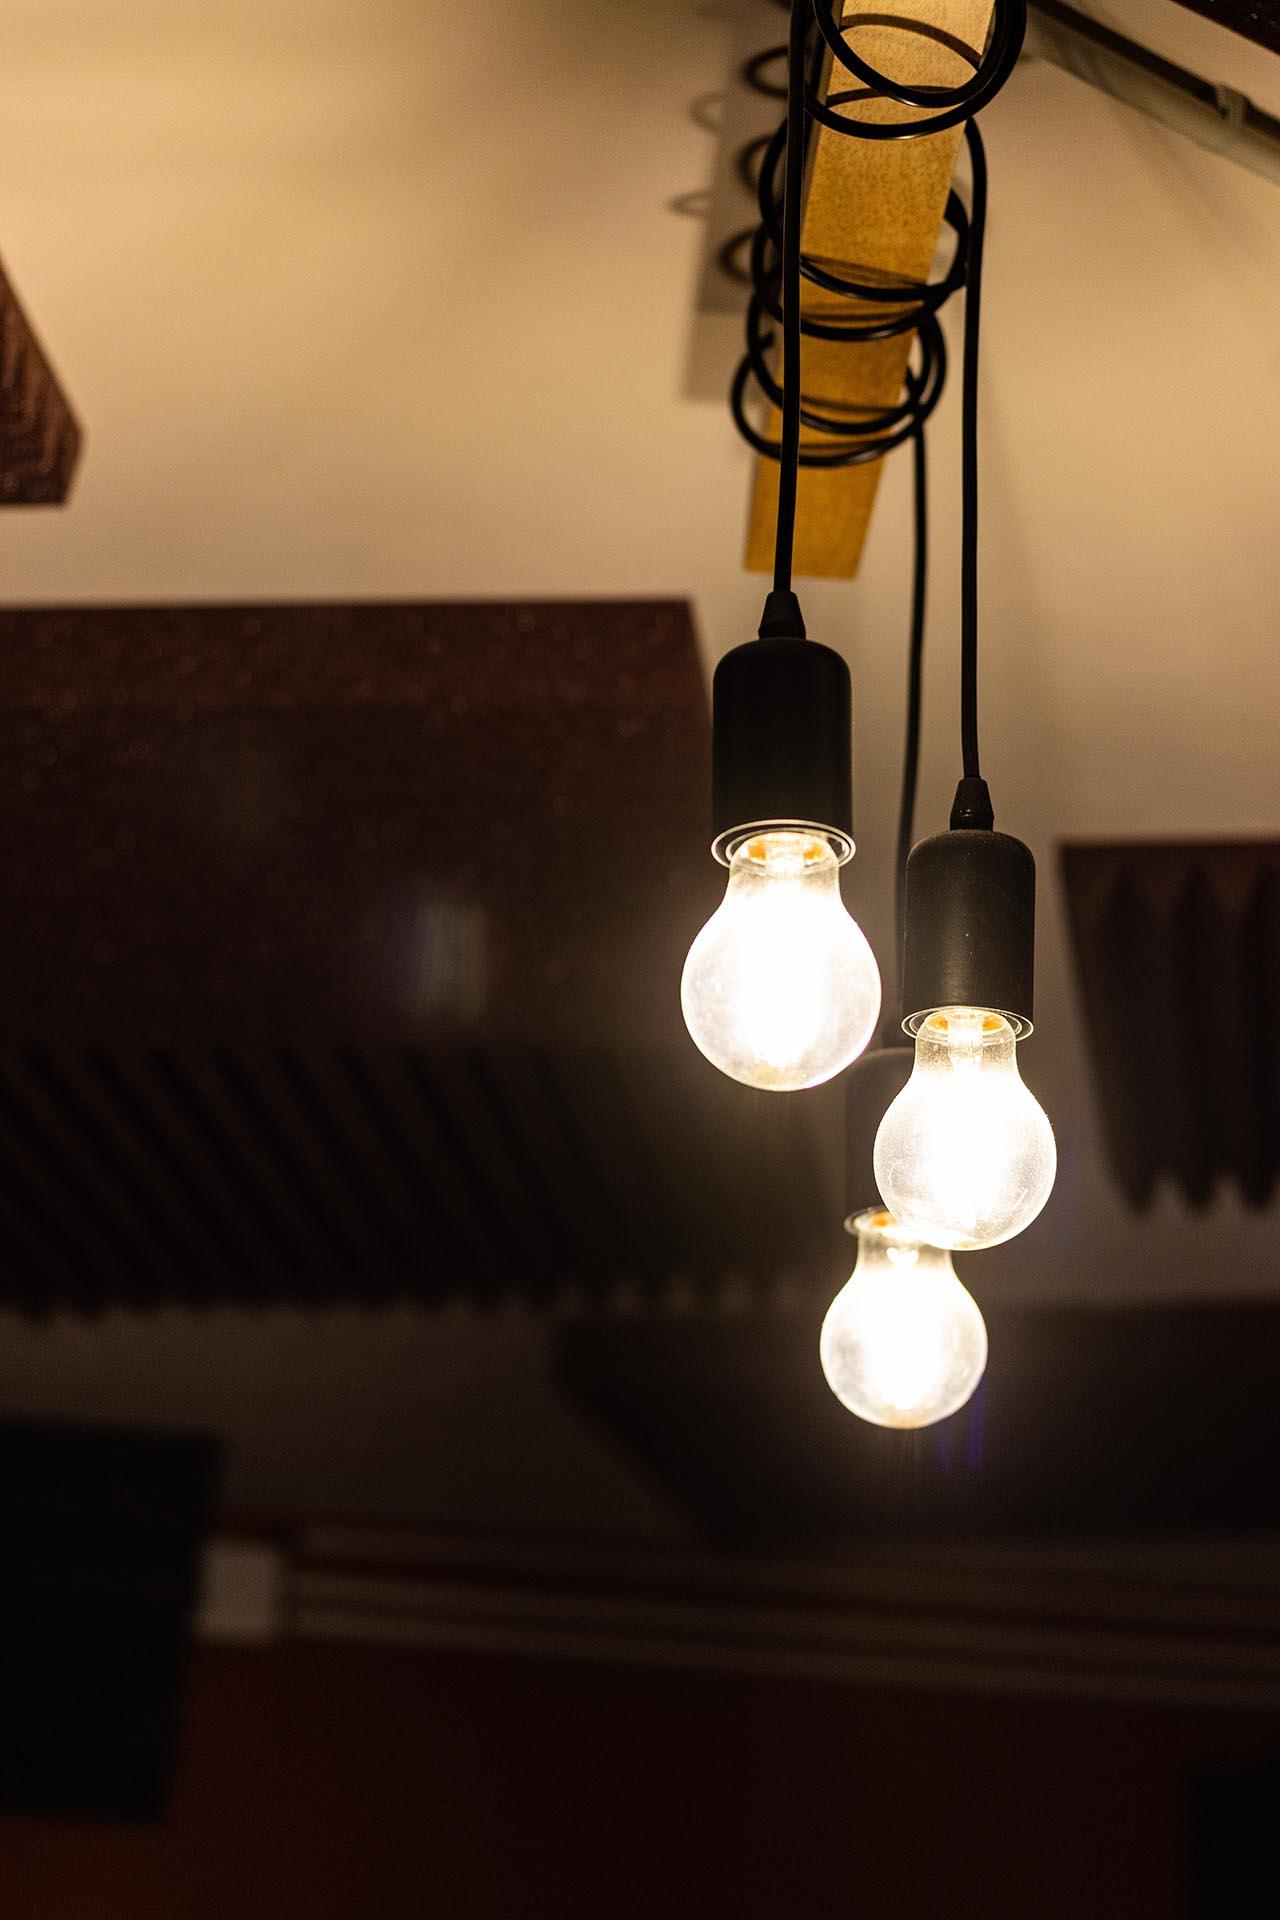 Studio d'enregistrement OHM - lampes © Droits réservés - Photographie : Maelwenn LEDUC